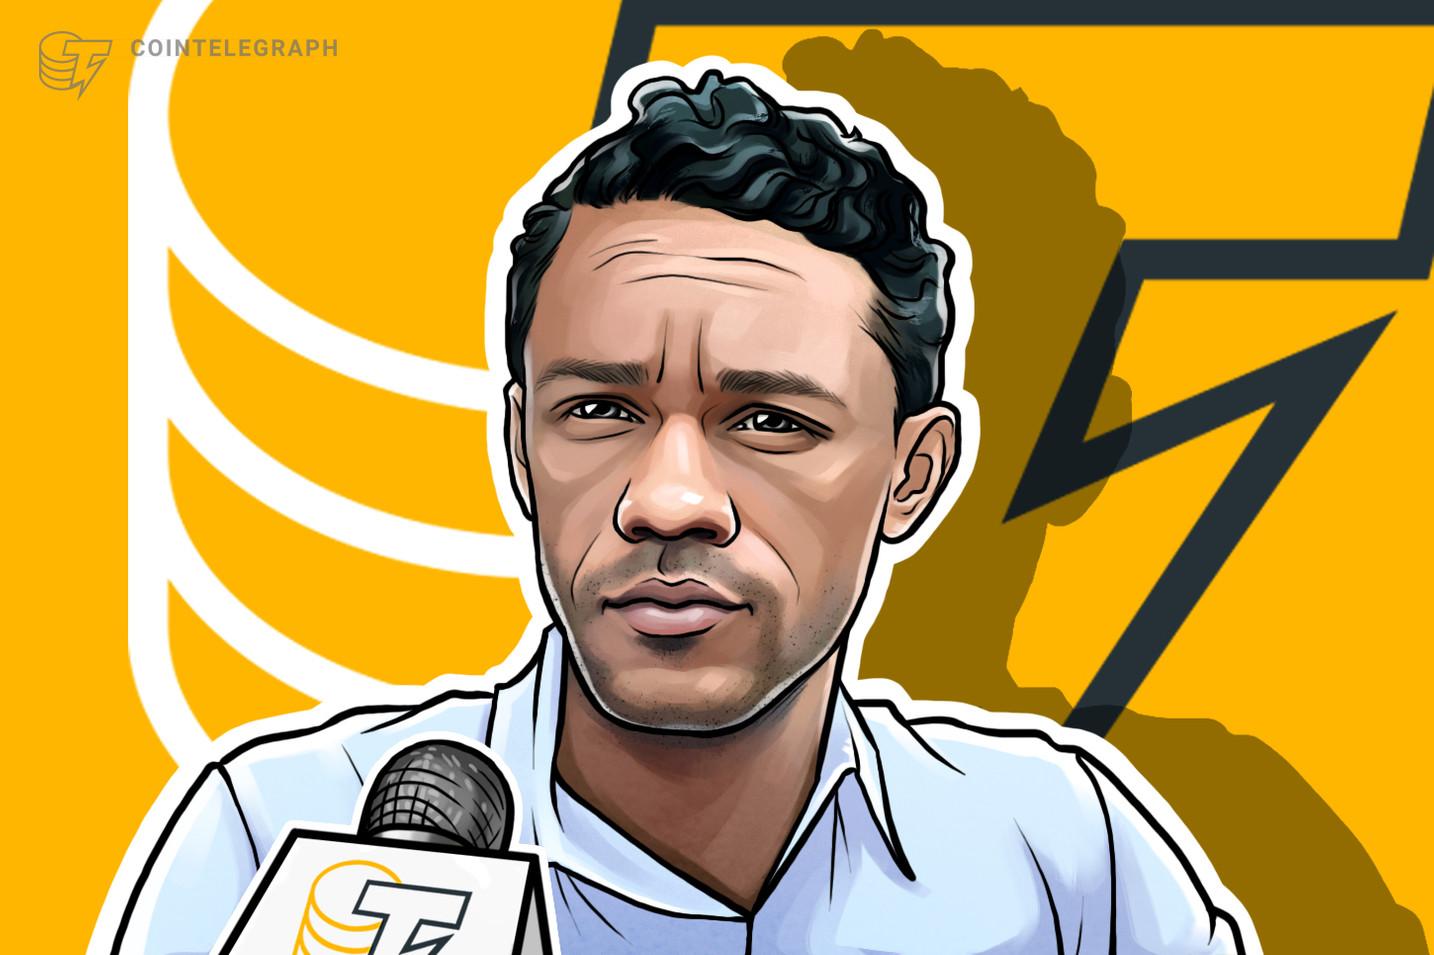 """Entrevista al CEO de DopCoin: """"Bitcoin podría superar fácilmente los USD 20,000 este año"""""""